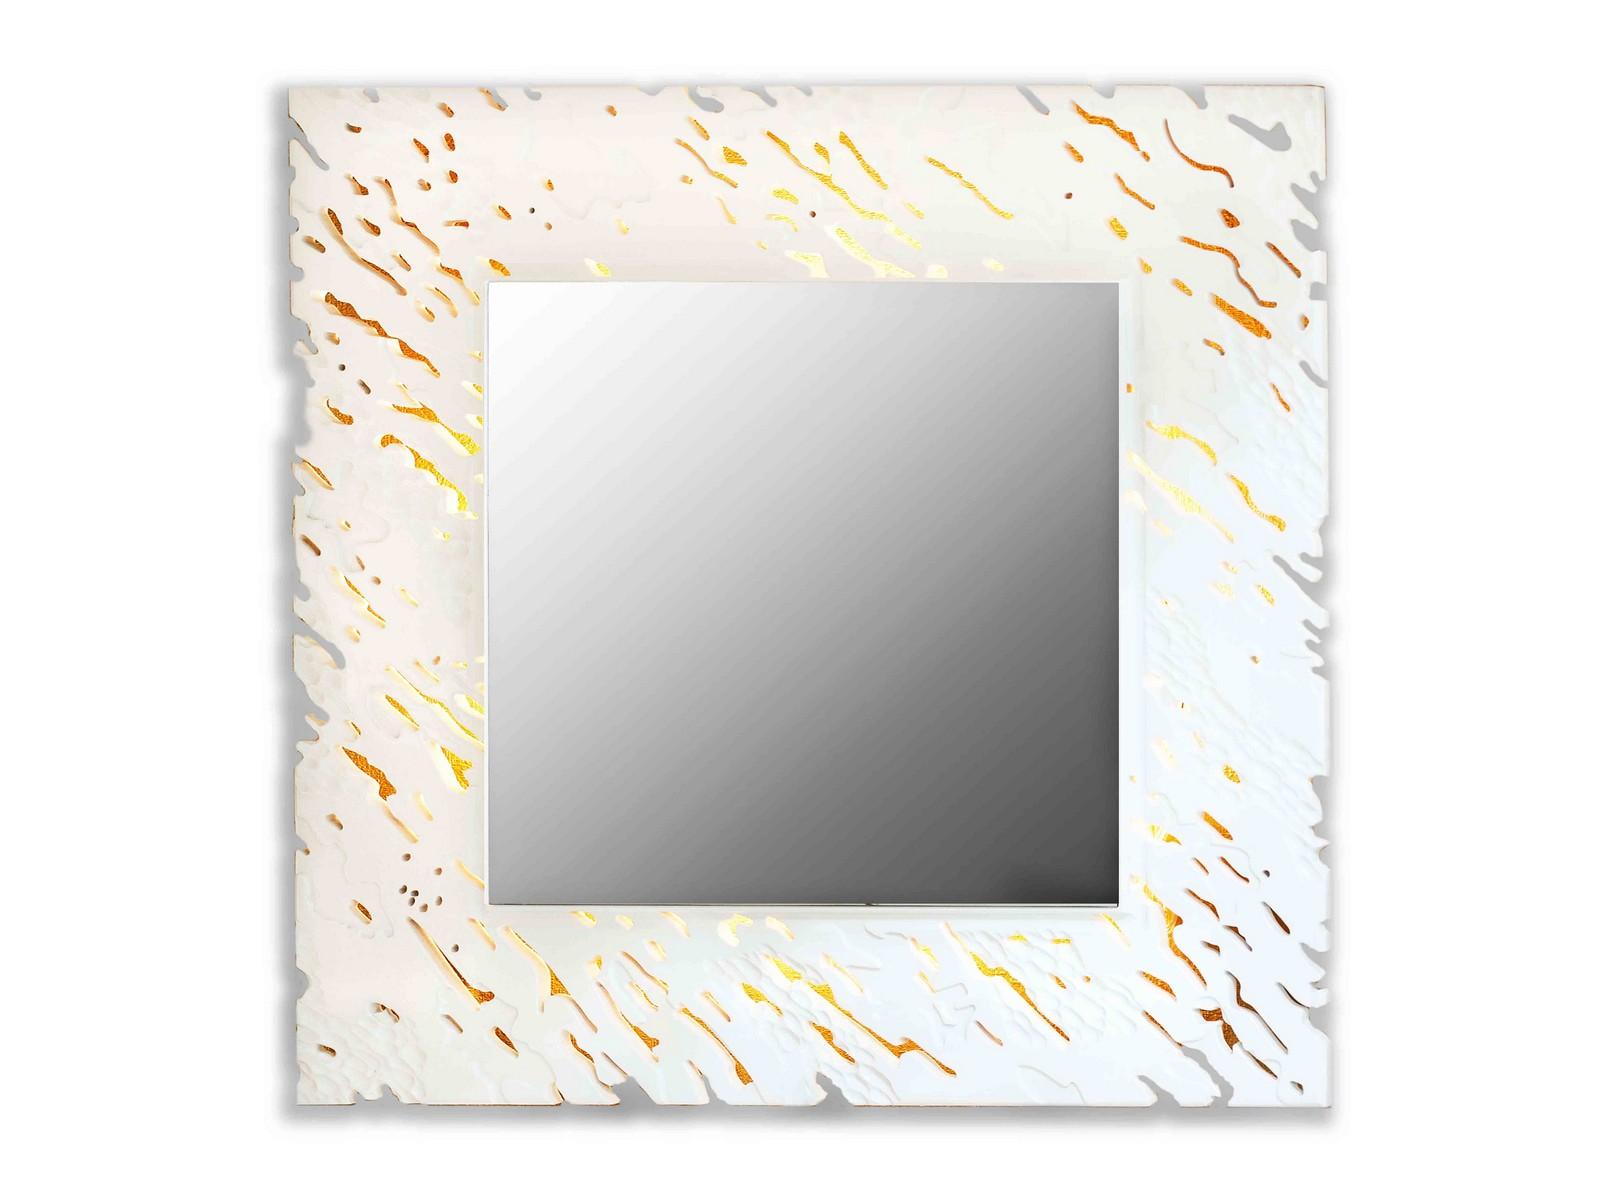 Зеркало REEFНастенные зеркала<br>Ветерок касается воды и солнечные блики играют на ее поверхности. <br>Завораживающая картина, дарящая отдых душе. На нее можно смотреть бесконечно. <br>Резной рисунок на раме зеркал коллекции Reef имитирует рябь на водной глади. <br>Данный вариант представлен в квадратной форме и белом цвете.<br><br>Material: Дерево<br>Width см: 90<br>Depth см: 0,8<br>Height см: 90